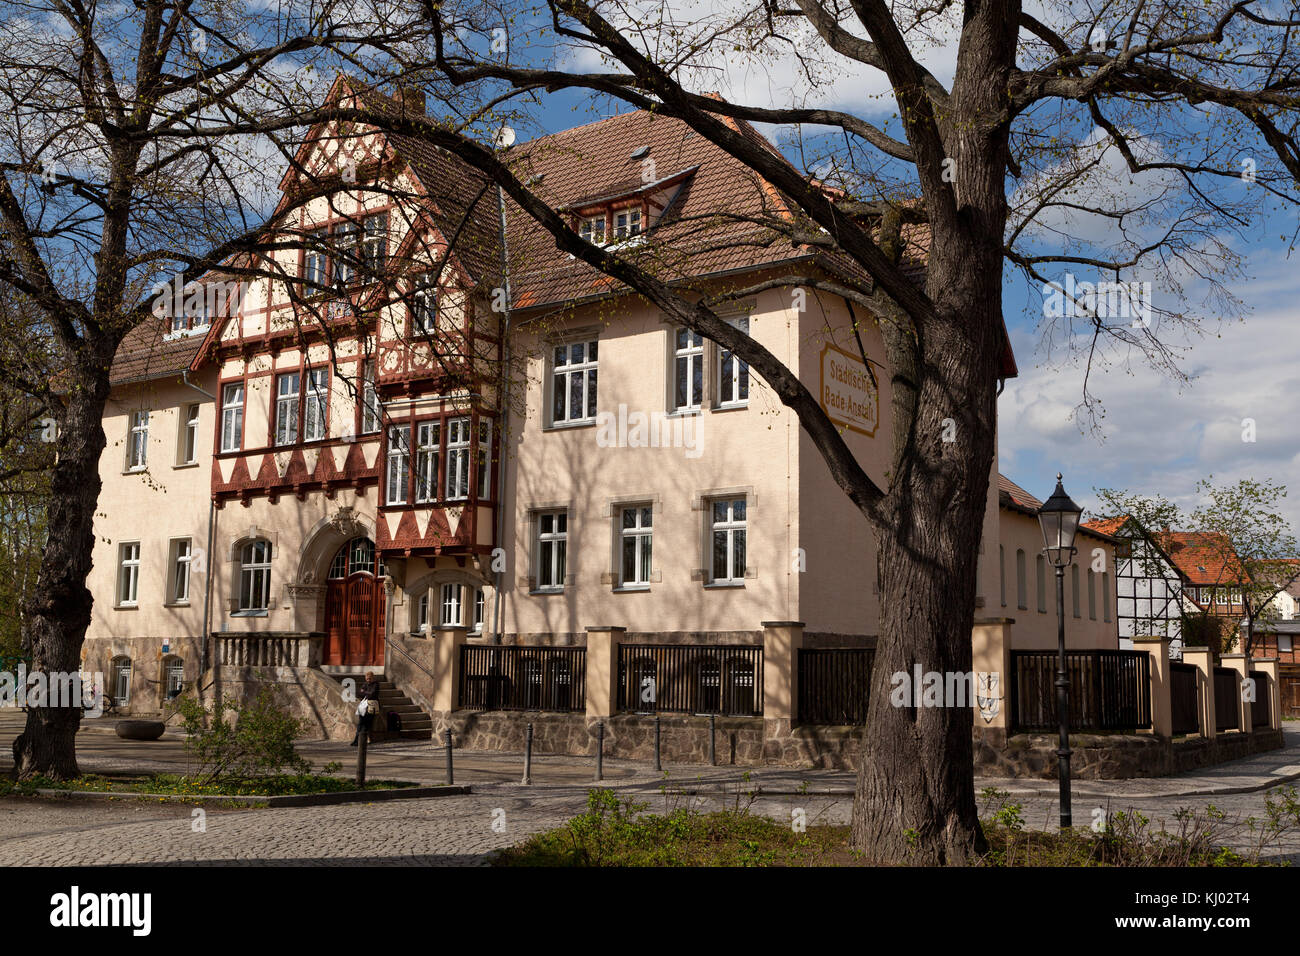 Welterbestadt Quedlinburg Harz - Stock Image